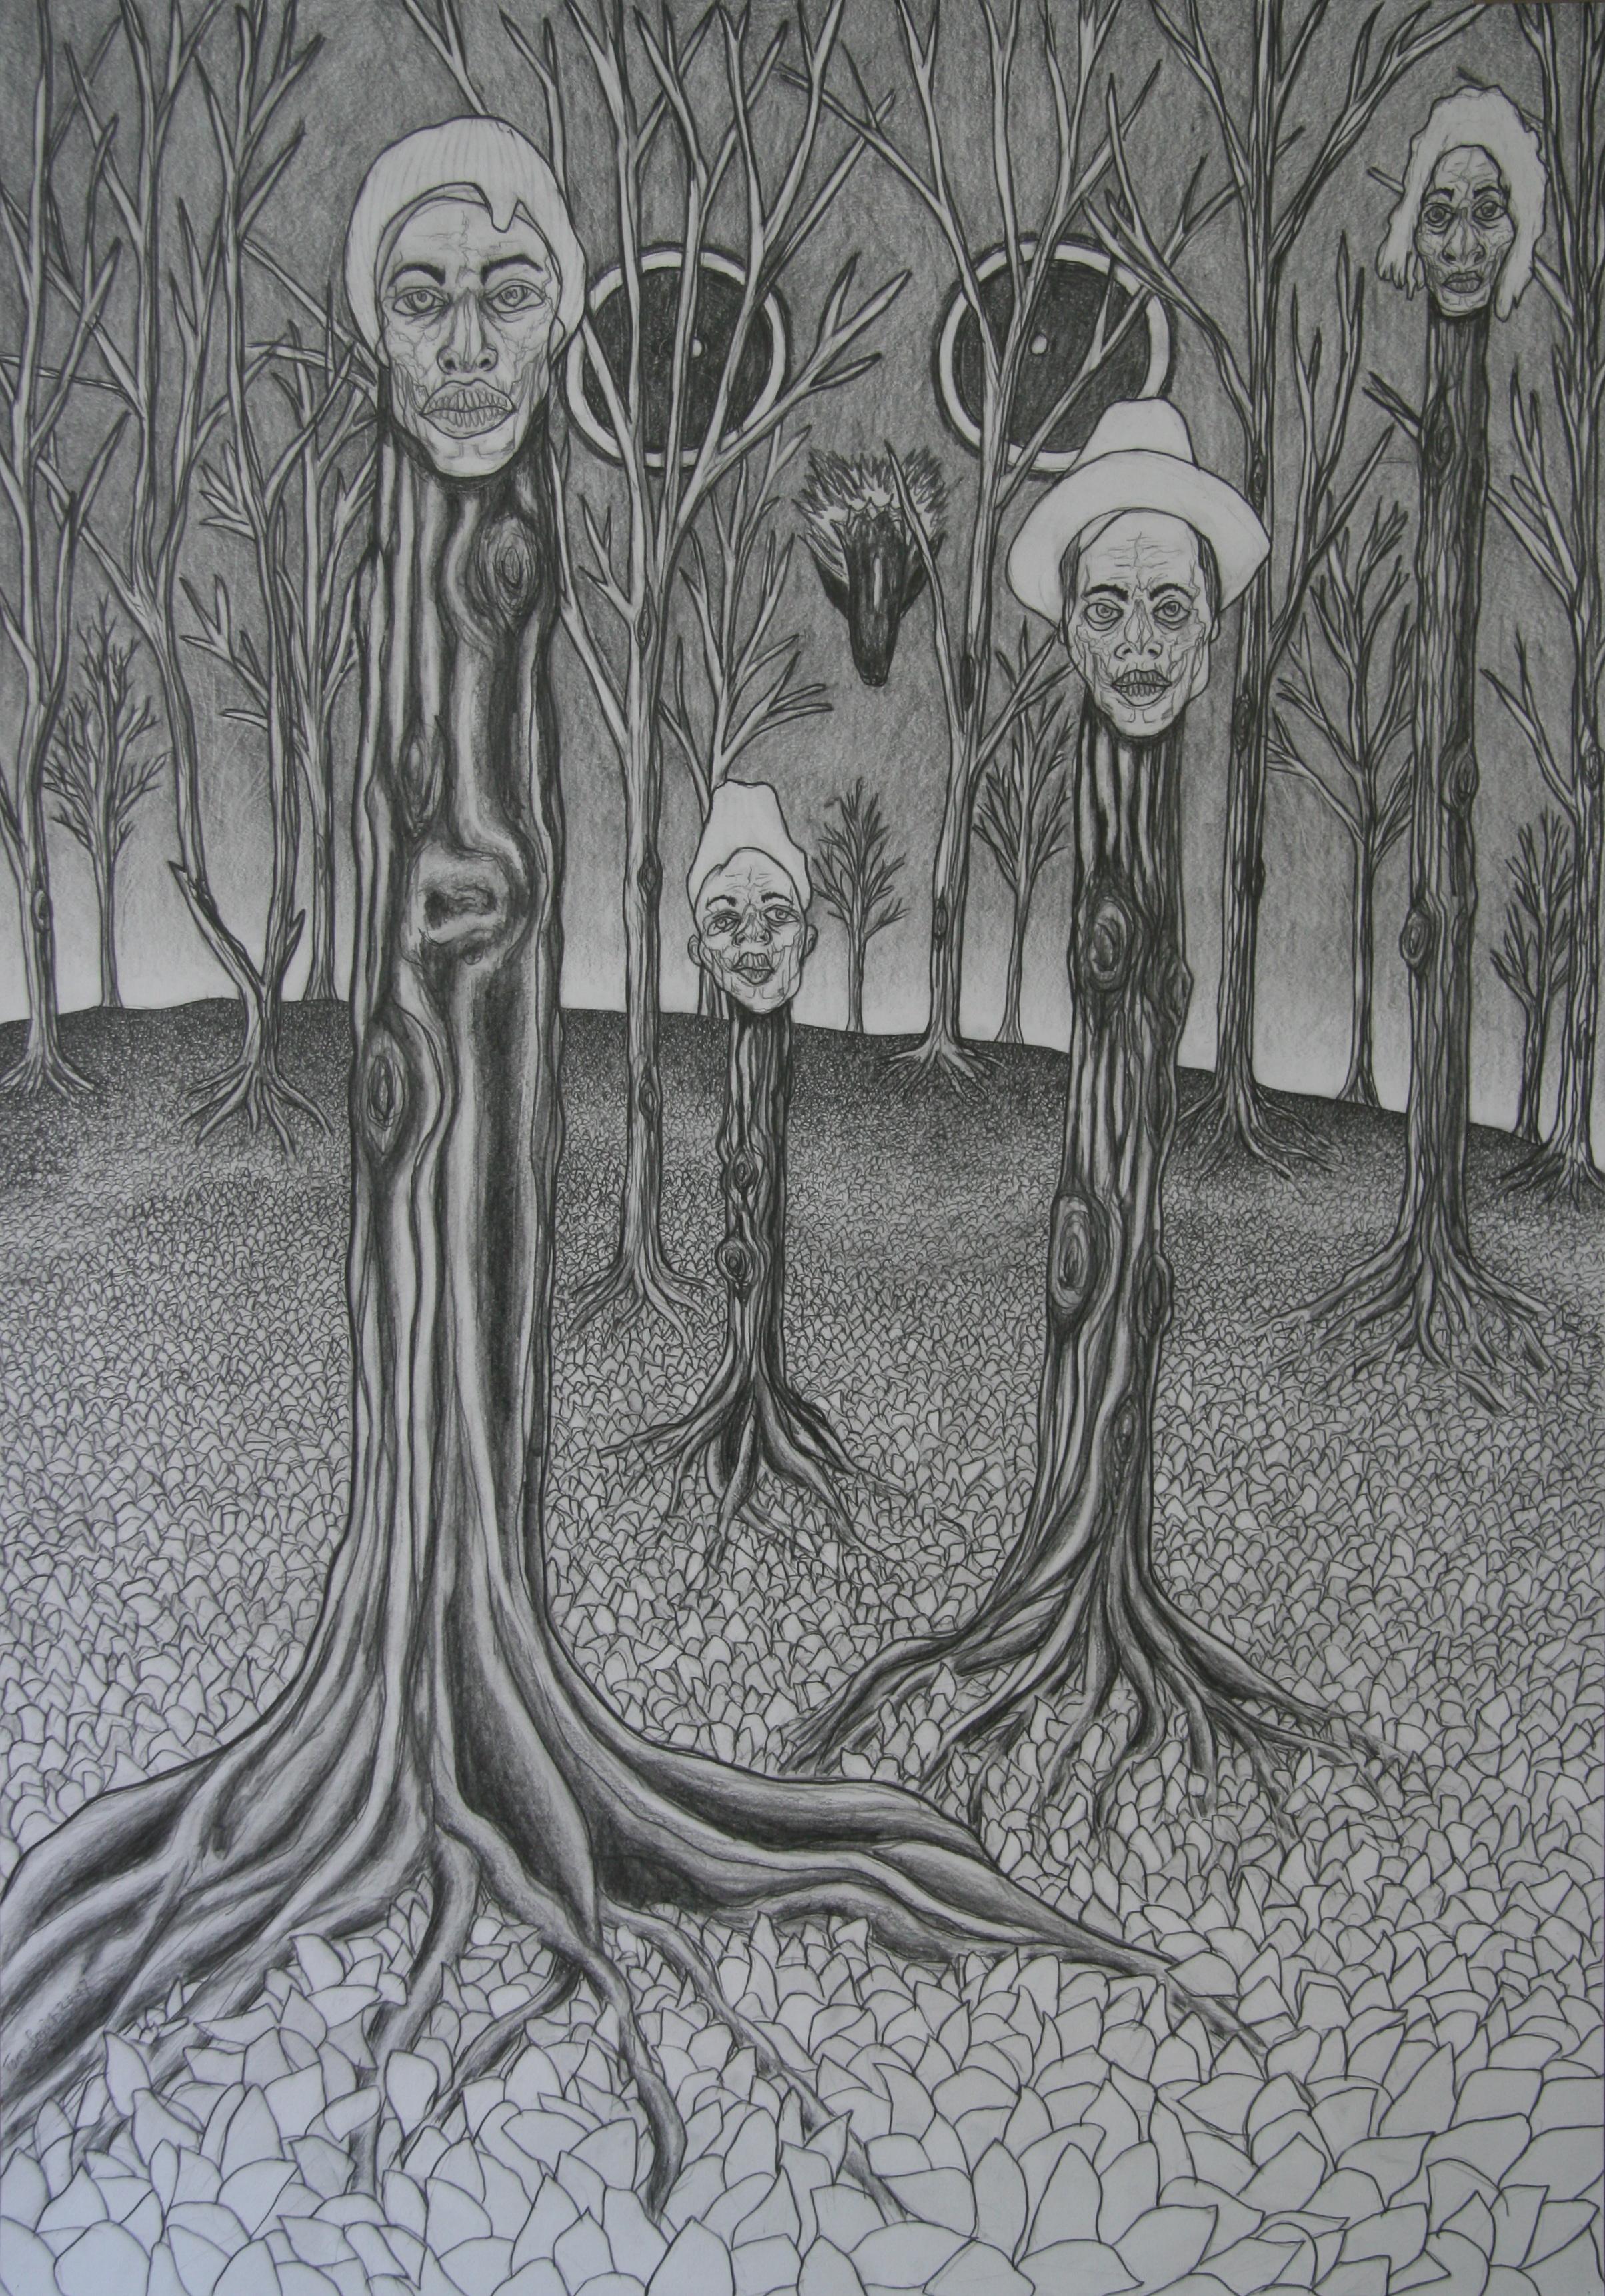 Herfstnachtevening, 100x70cm, pencil on paper